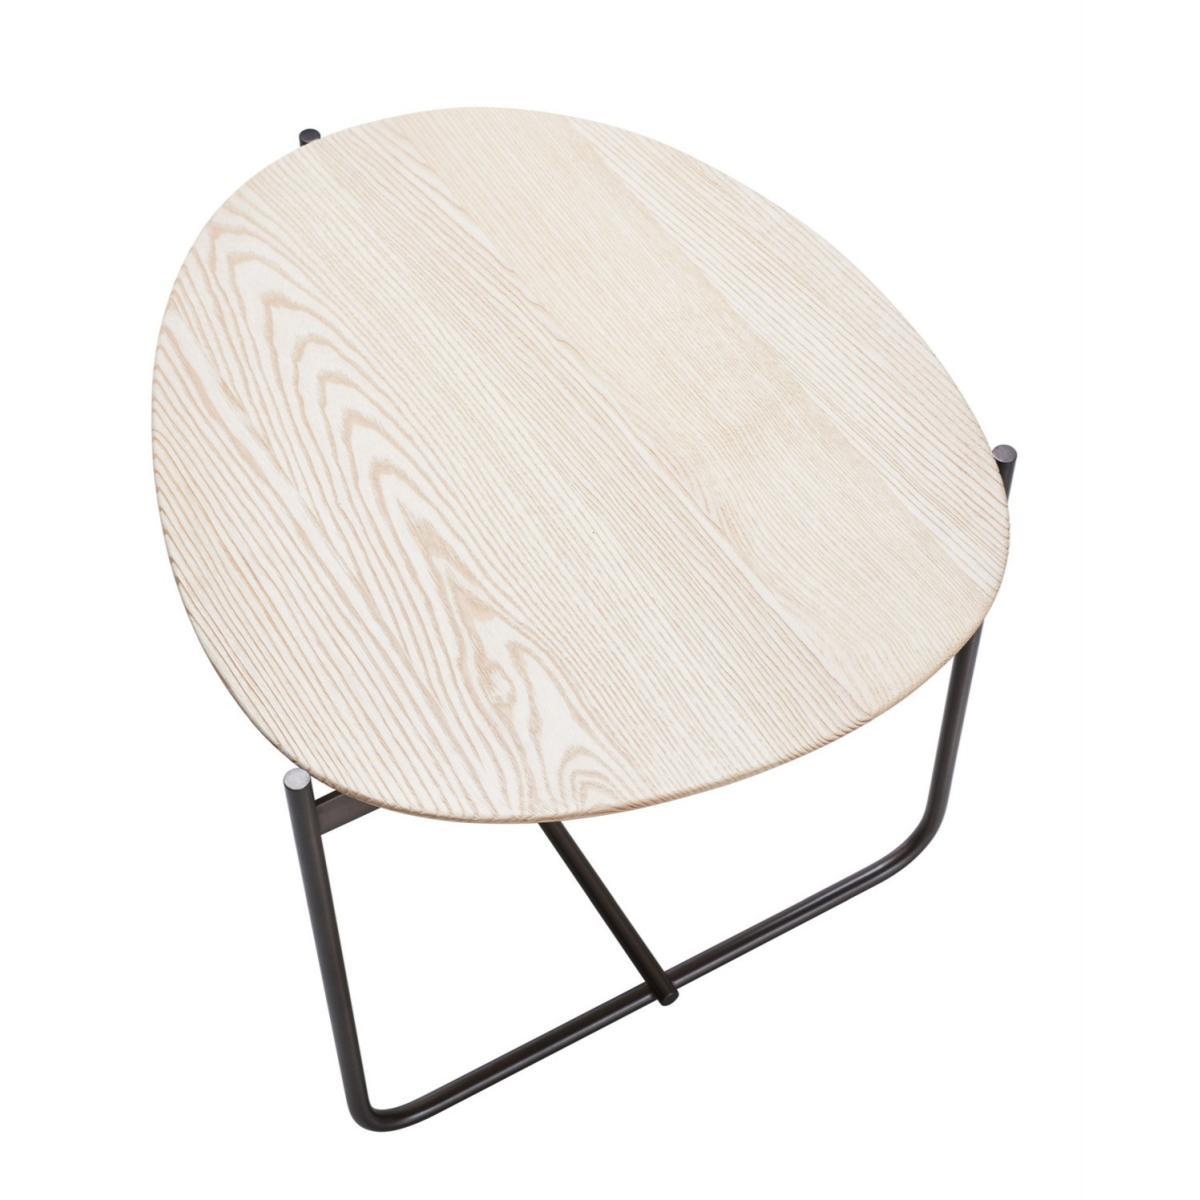 PEBBLE Beistelltisch mit Tischplatte per Hand geformt und grob geschliffenen Kanten